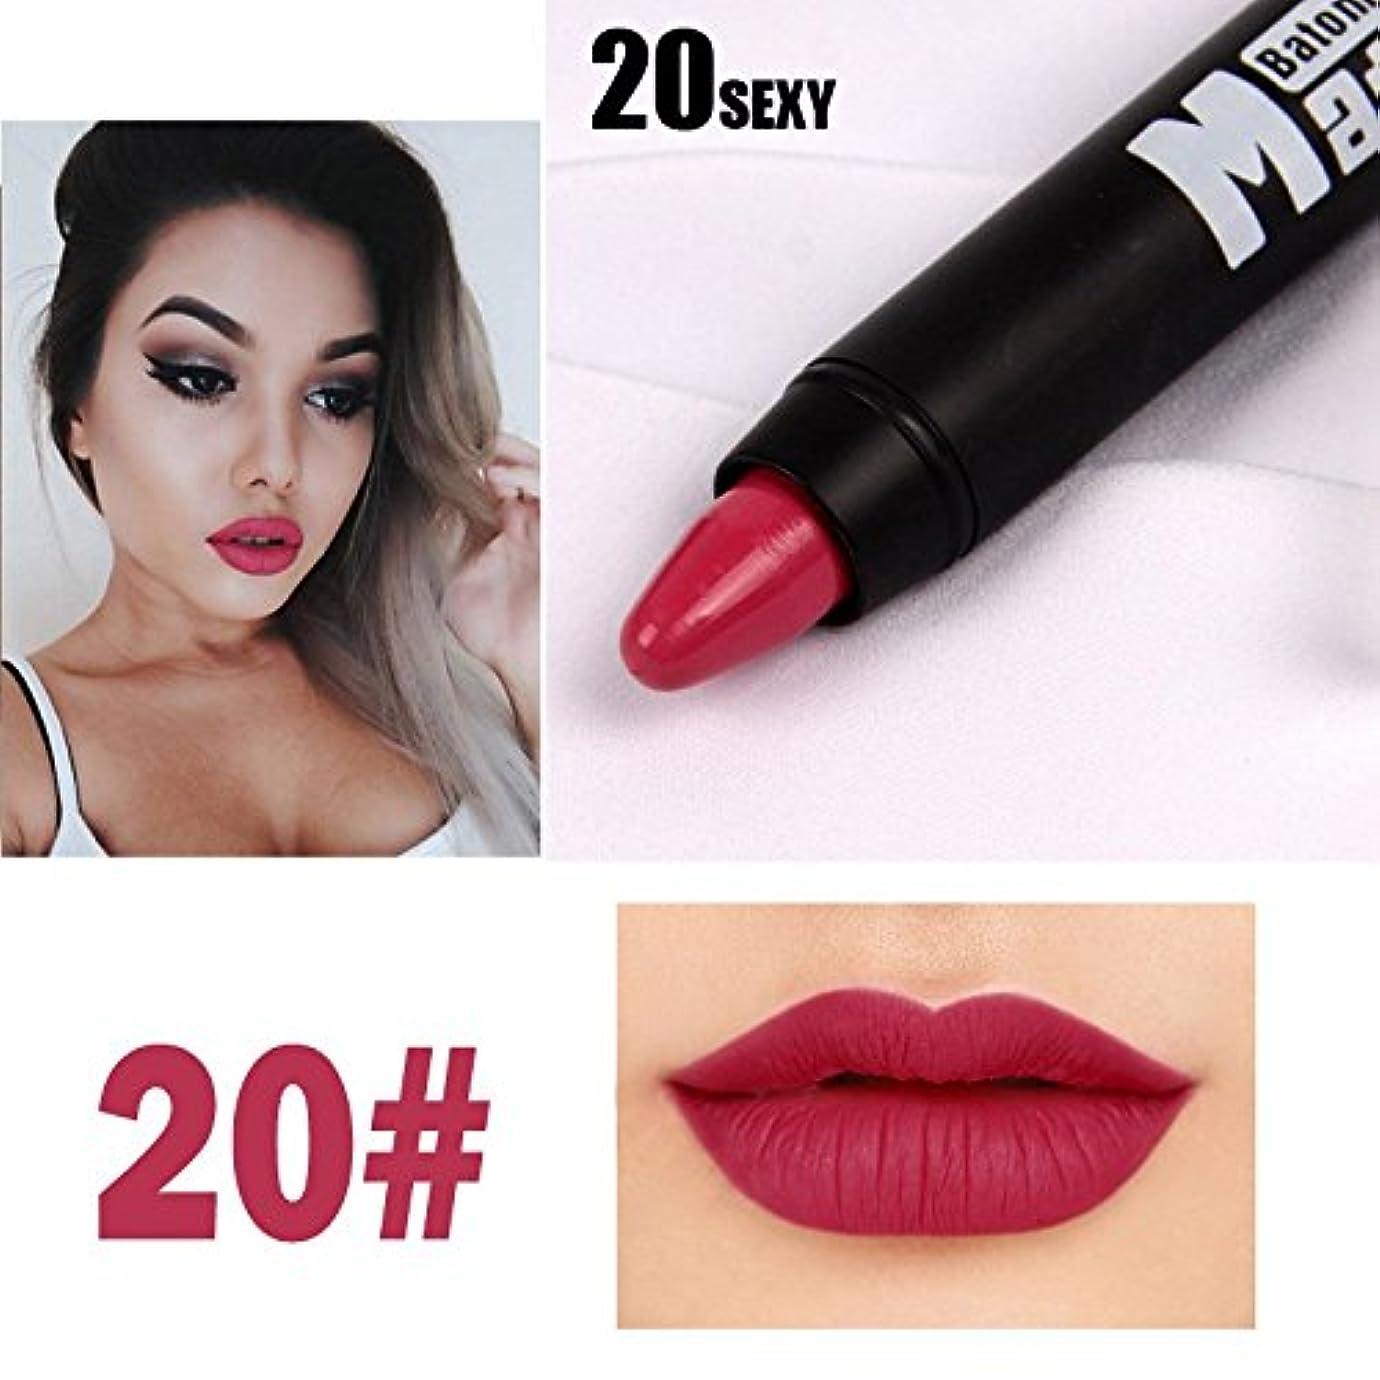 コンテンポラリー所有権スクリーチMISS ROSE Professional Women Waterproof Lipstick Lips Cream Beauty Lote Batom Matte Lipstick Nude Pencils Makeup